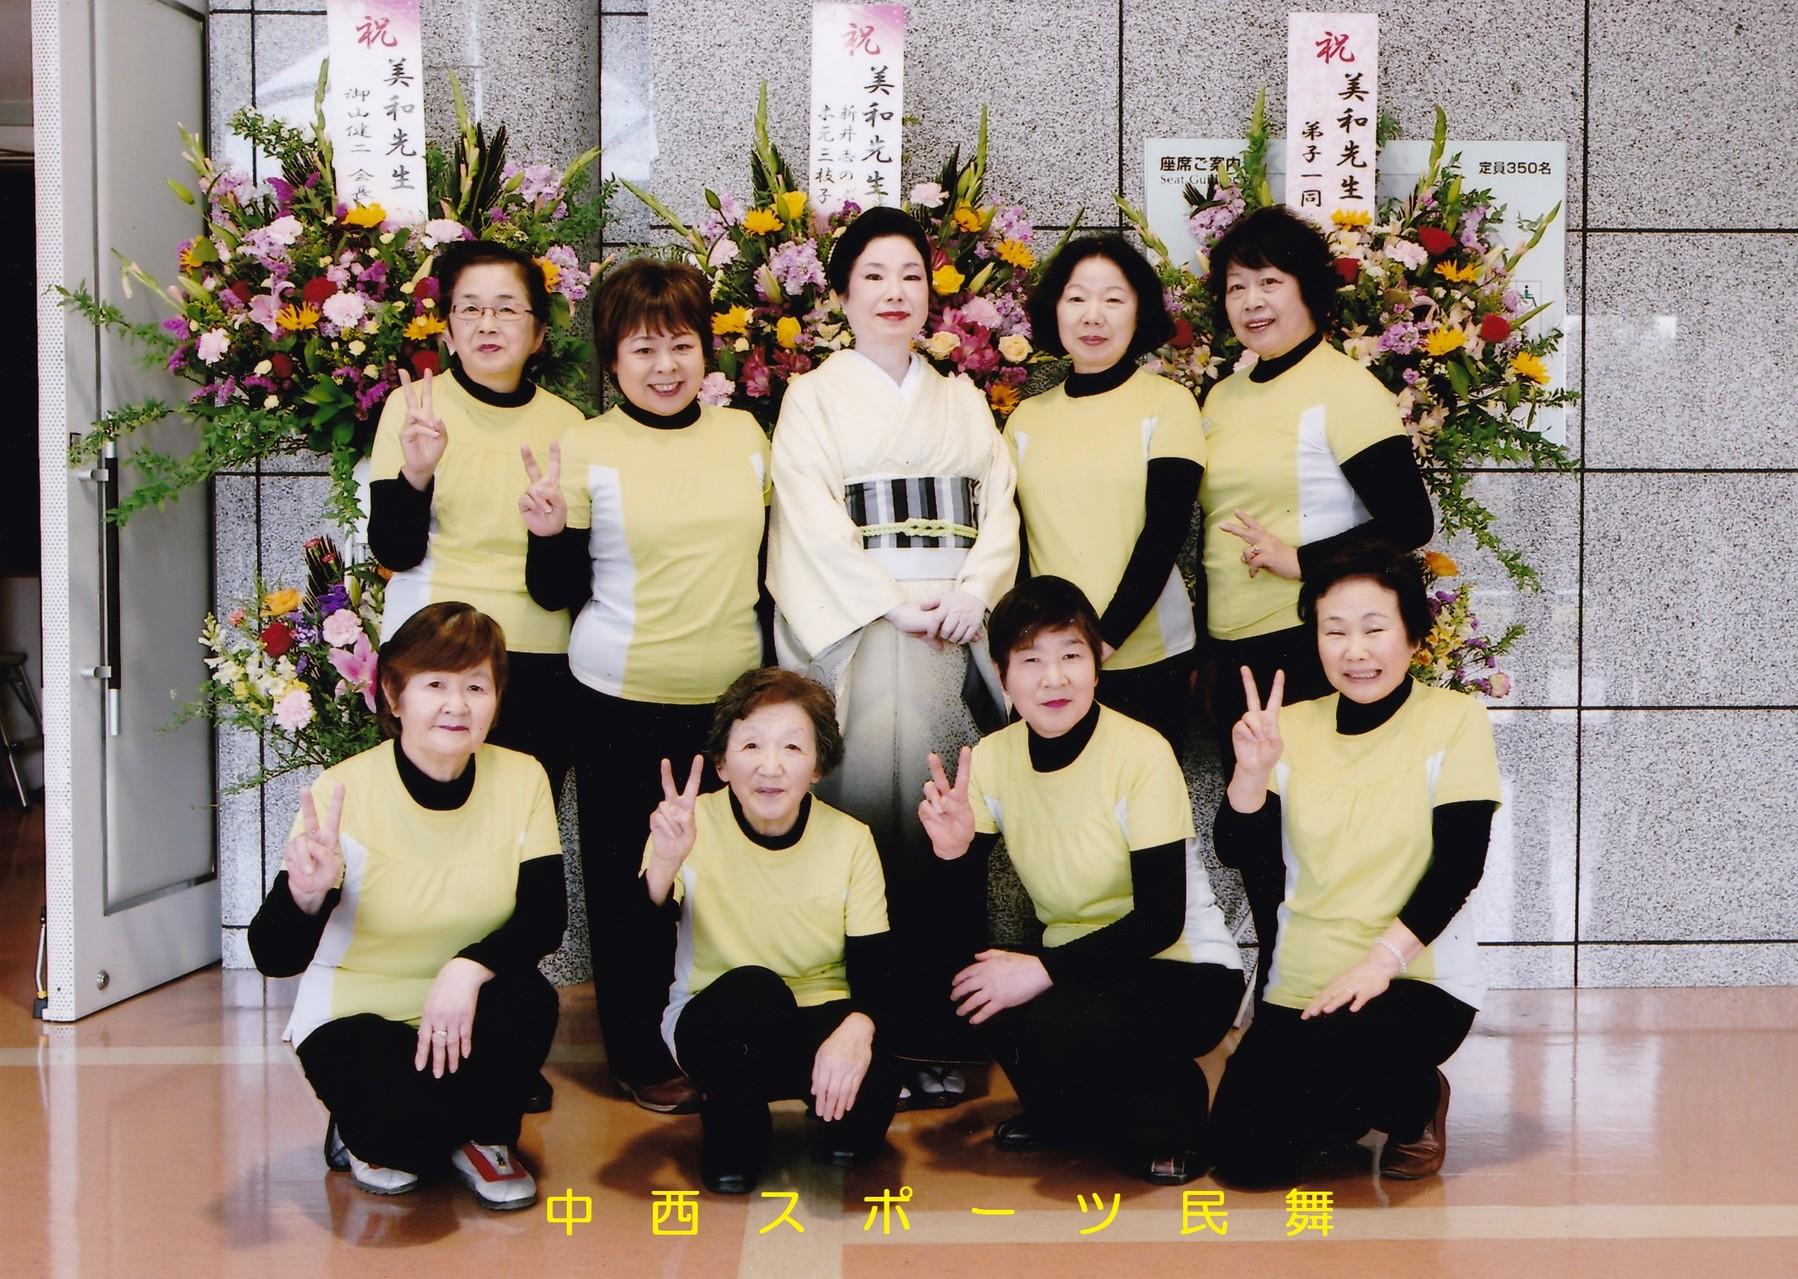 中西スポーツ民舞